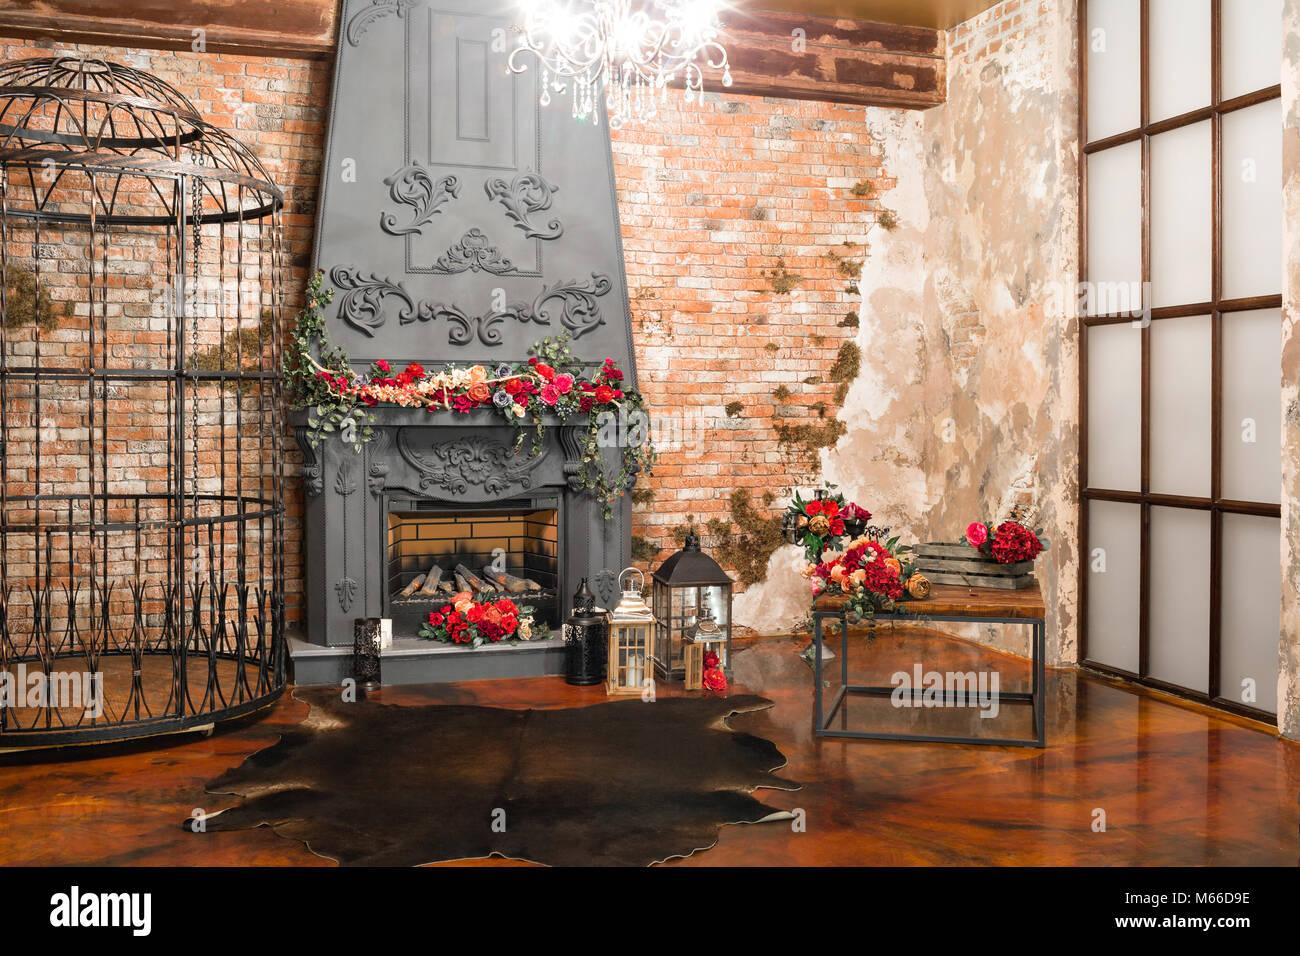 Kronleuchter Metall Für Kerzen ~ Interieur mit einem kamin kerzen haut der kühe mauer große